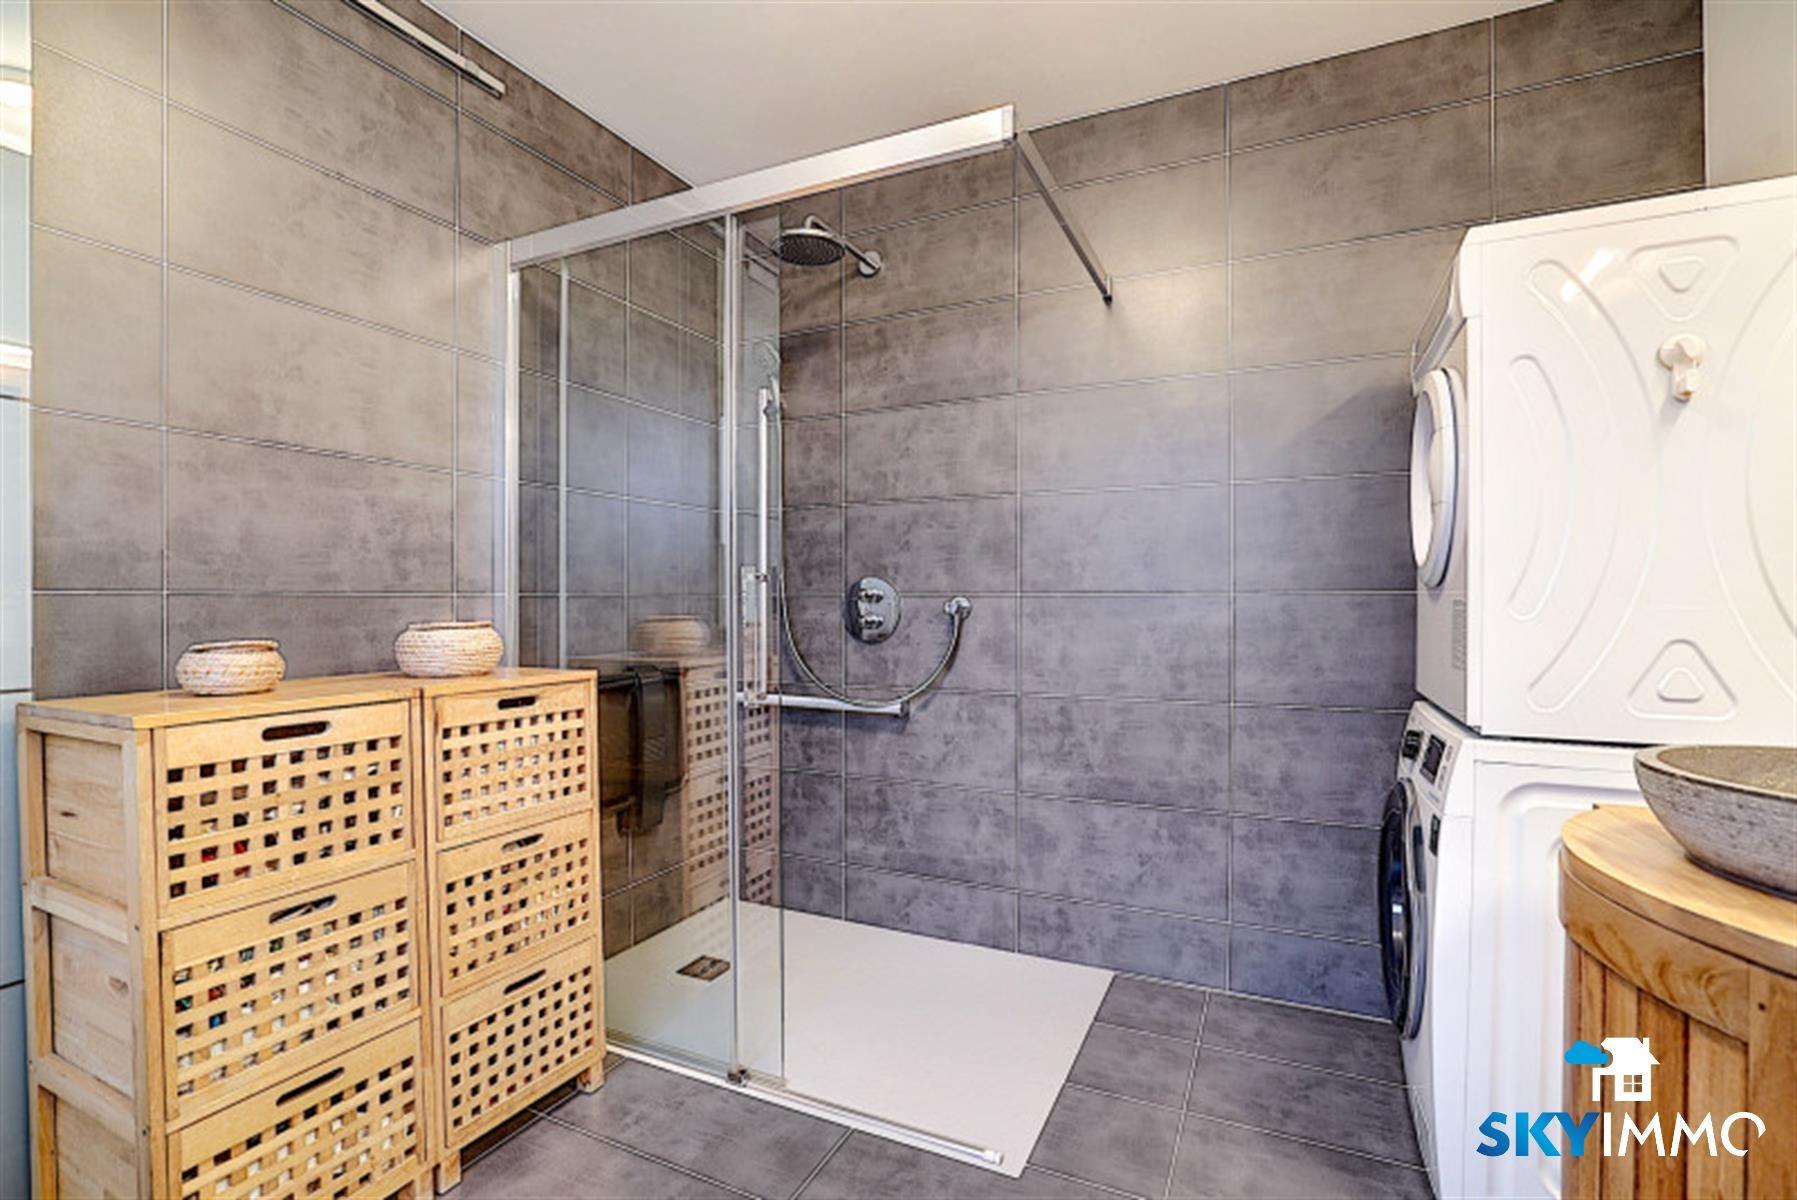 Maison - Liège - #4245744-31